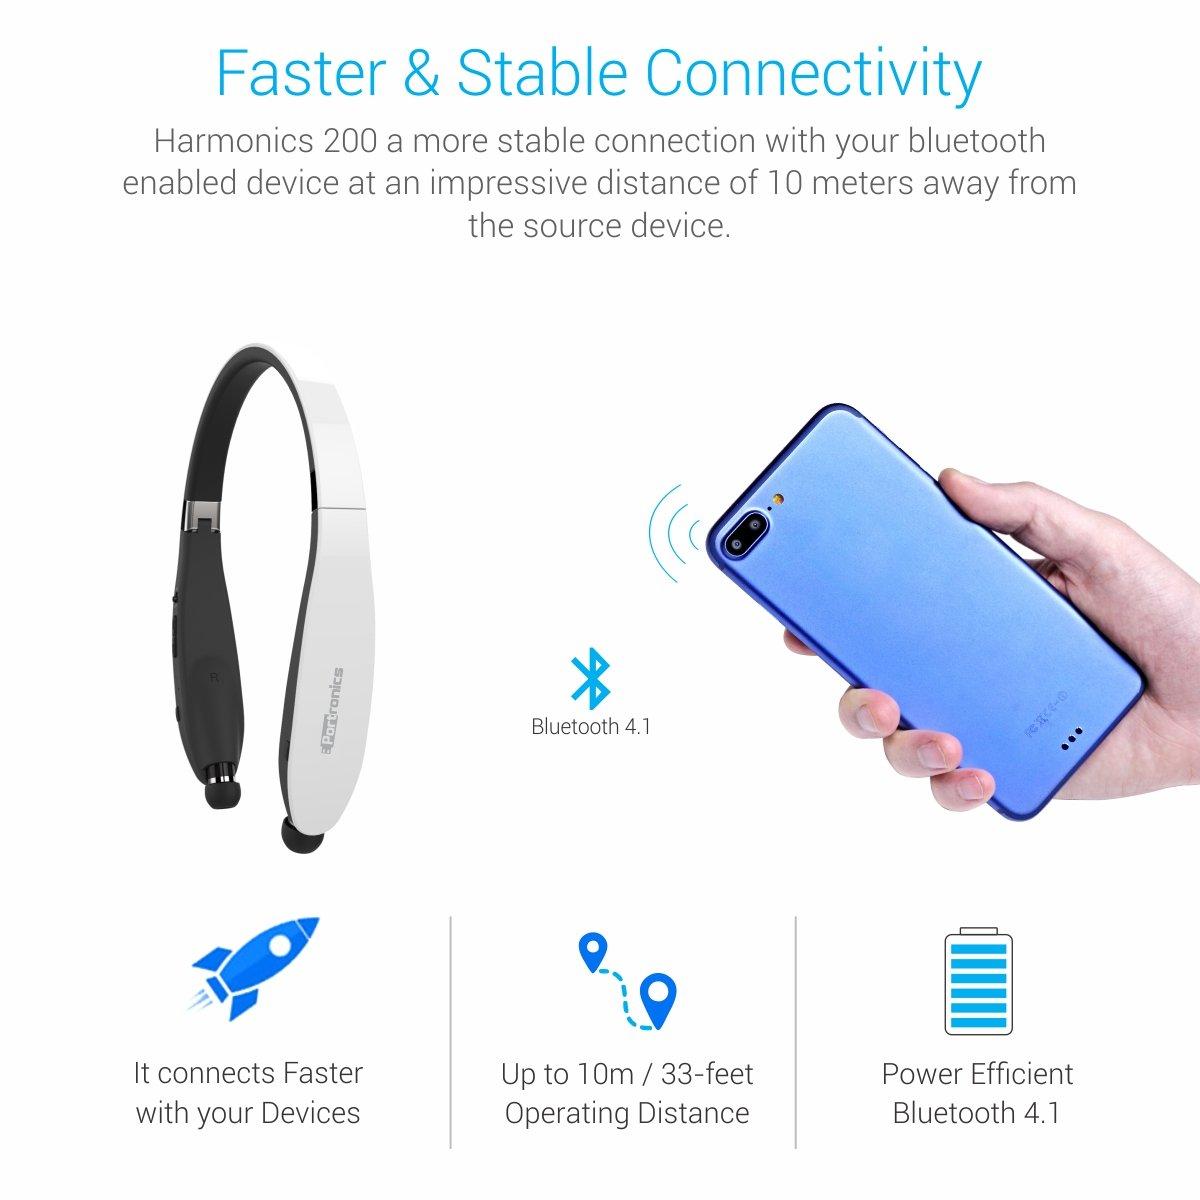 e41ac18b5ca Portronics Harmonic 200 POR-930 Wireless Stereo Headset (White): Buy Portronics  Harmonic 200 POR-930 Wireless Stereo Headset (White) Online at Low Price in  ...